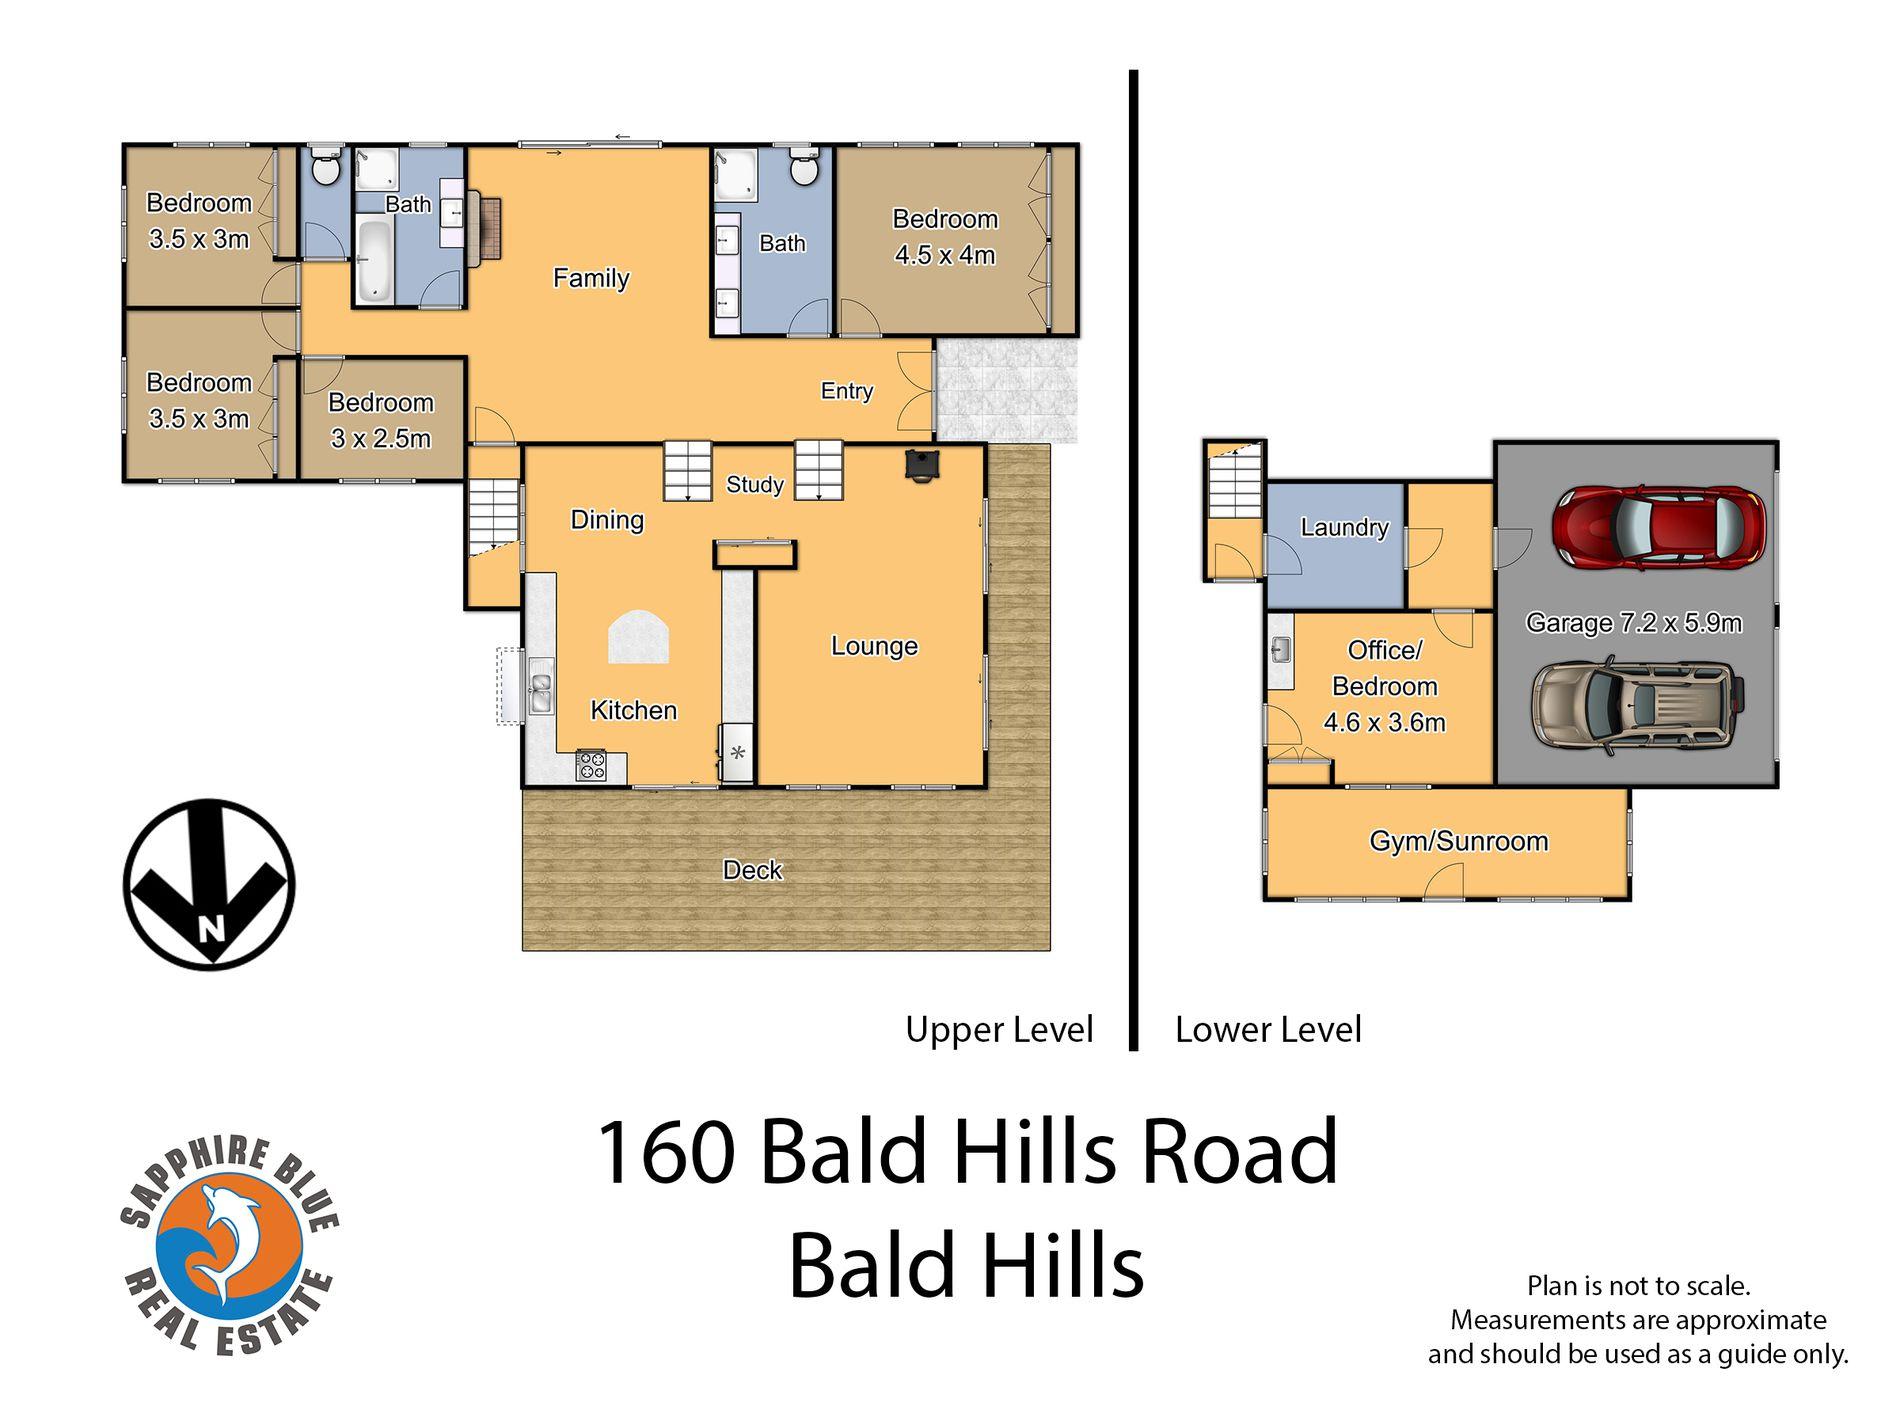 160 Bald Hills Road, Bald Hills